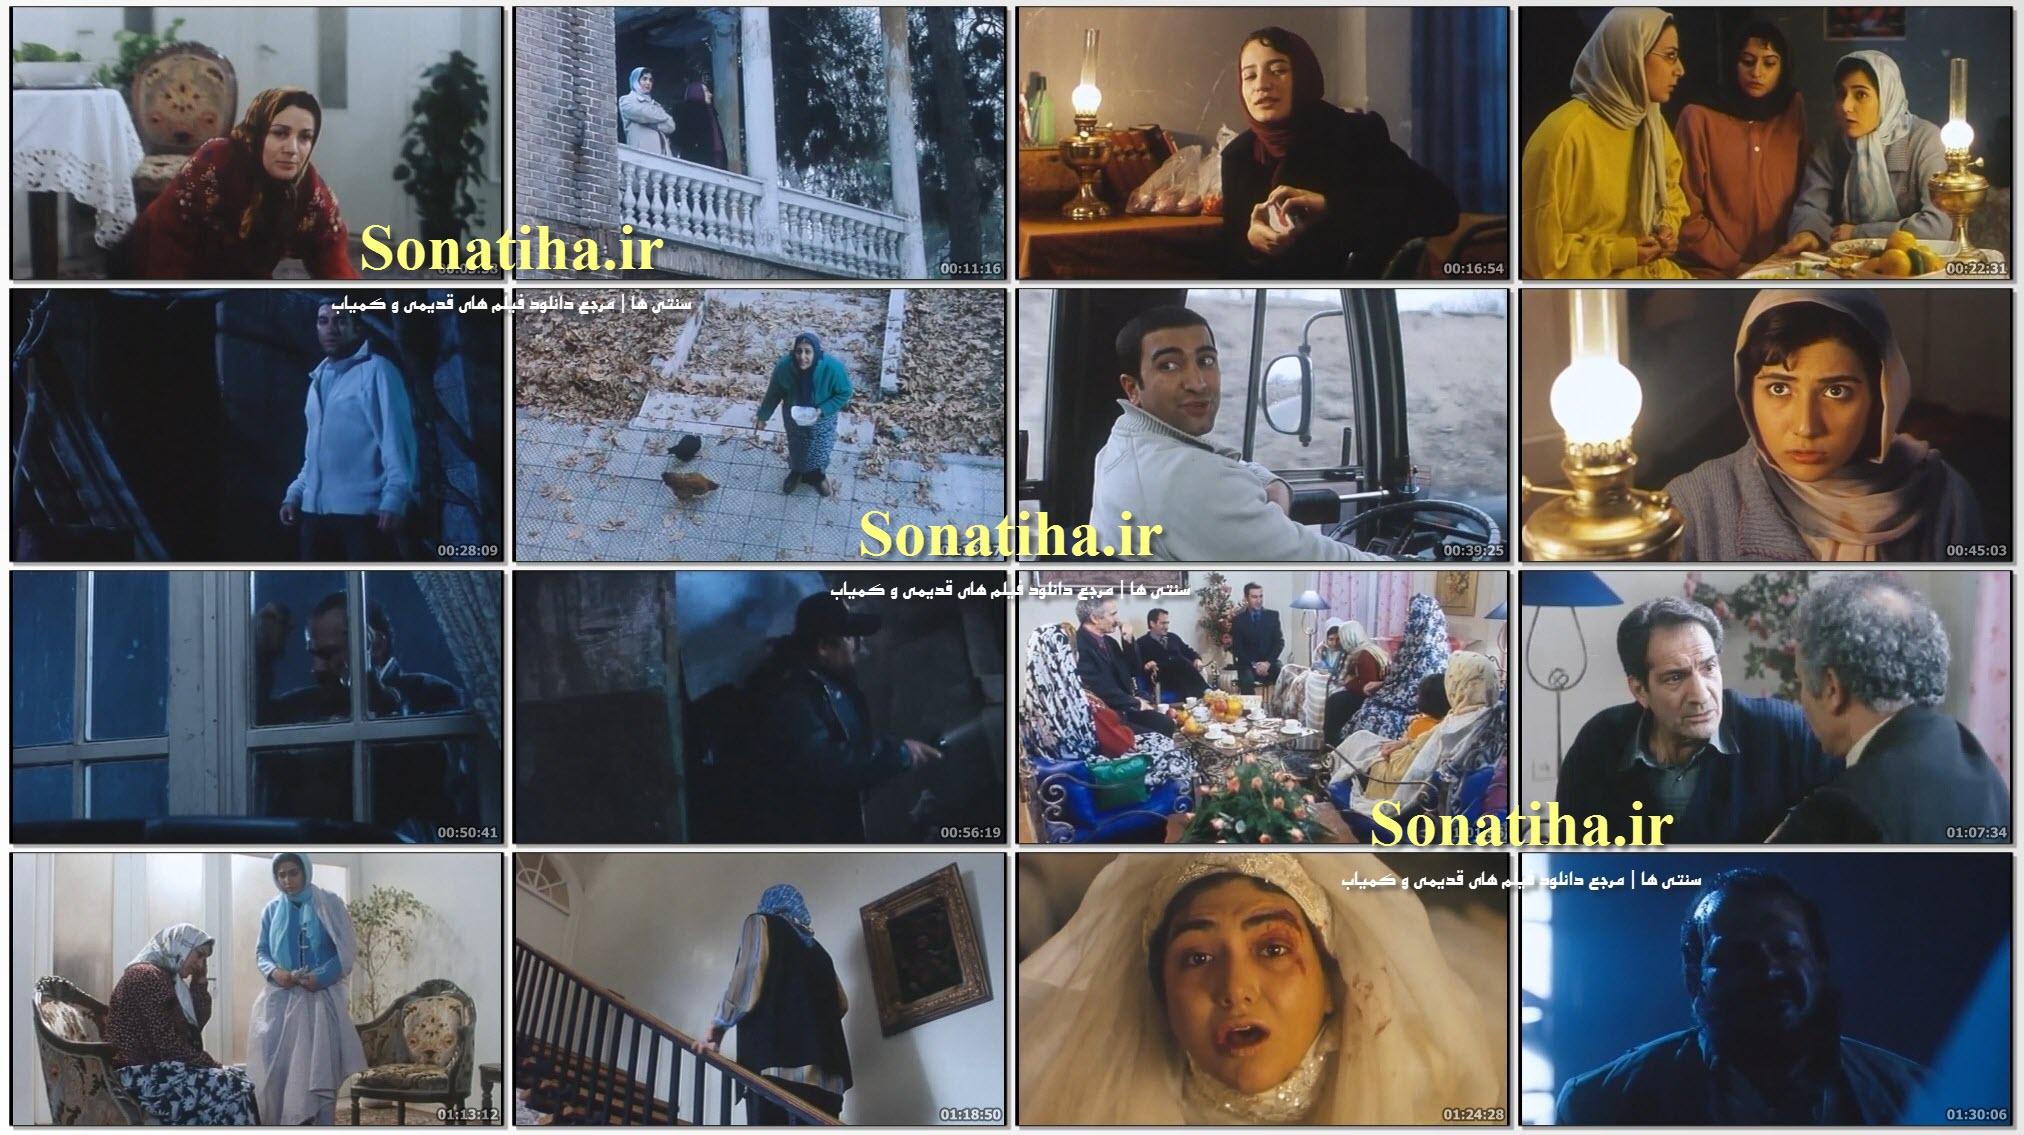 تصاویری از فیلم خوابگاه دختران